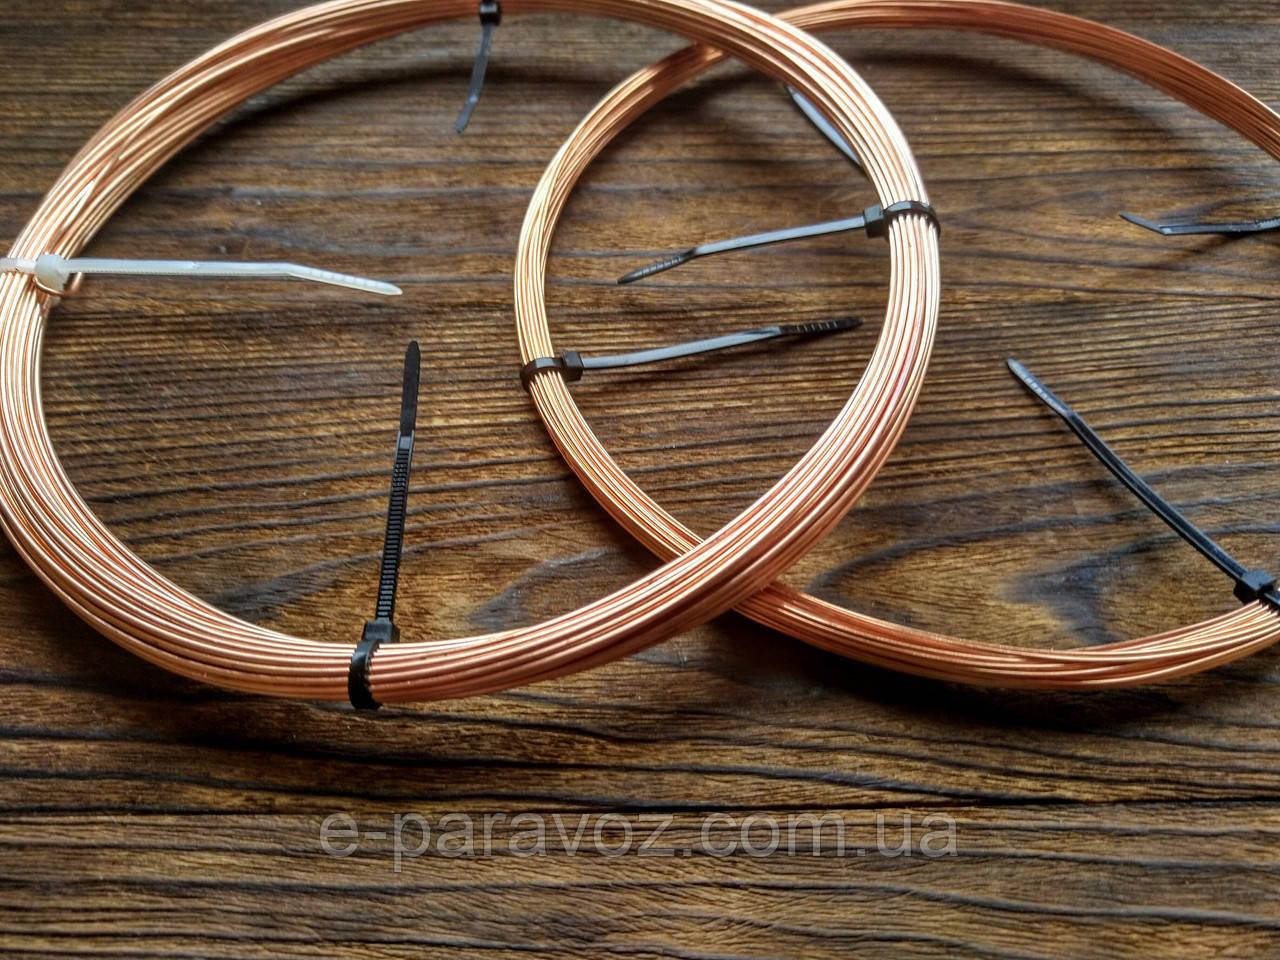 Медь 1.5 мм - 3 метра, медная проволока для рукоделия, бисера, бижутерии